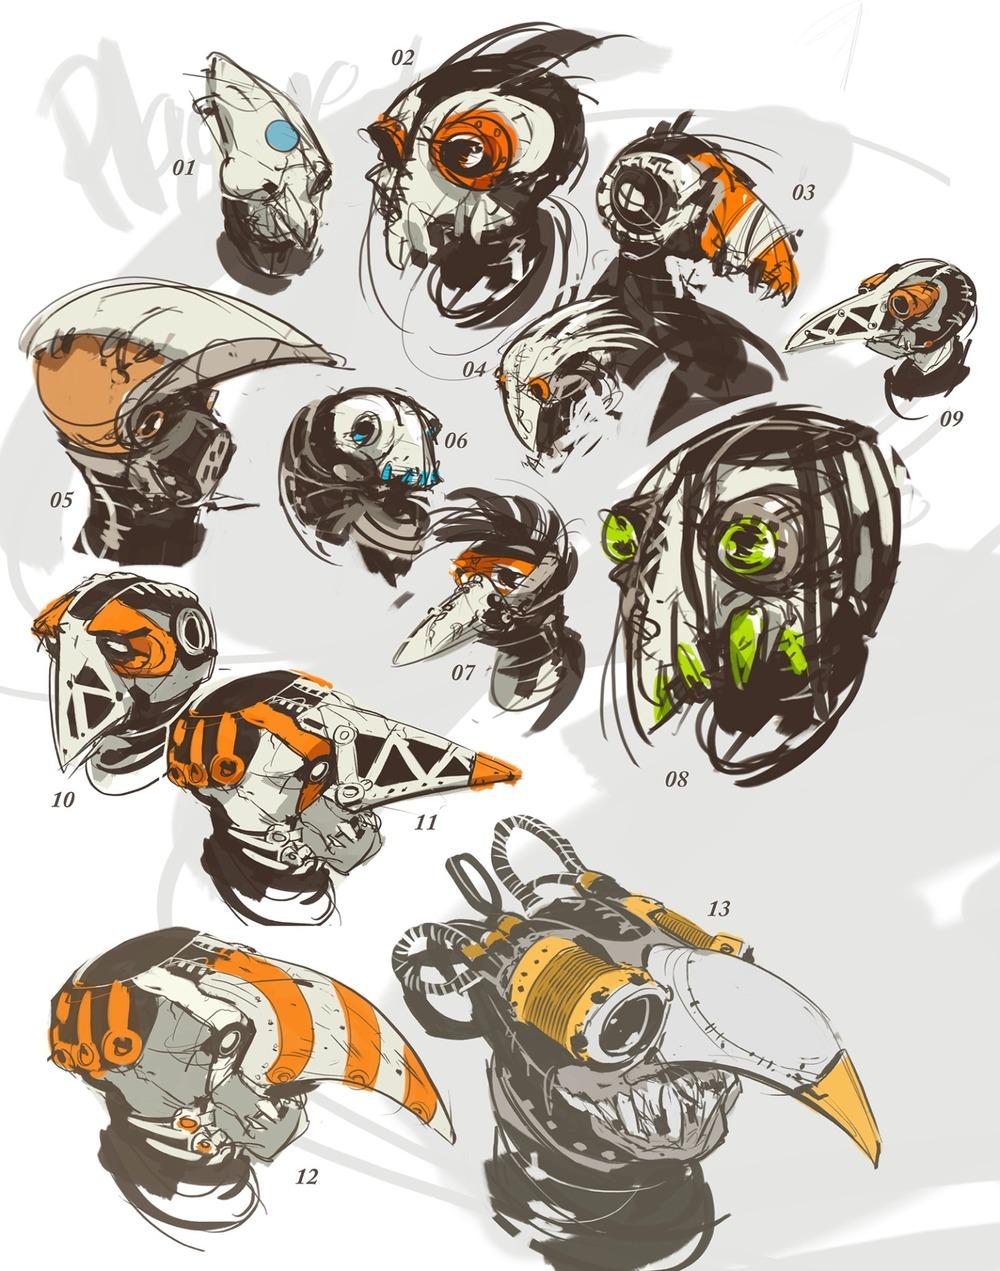 PlagueDoctorSketch.jpg